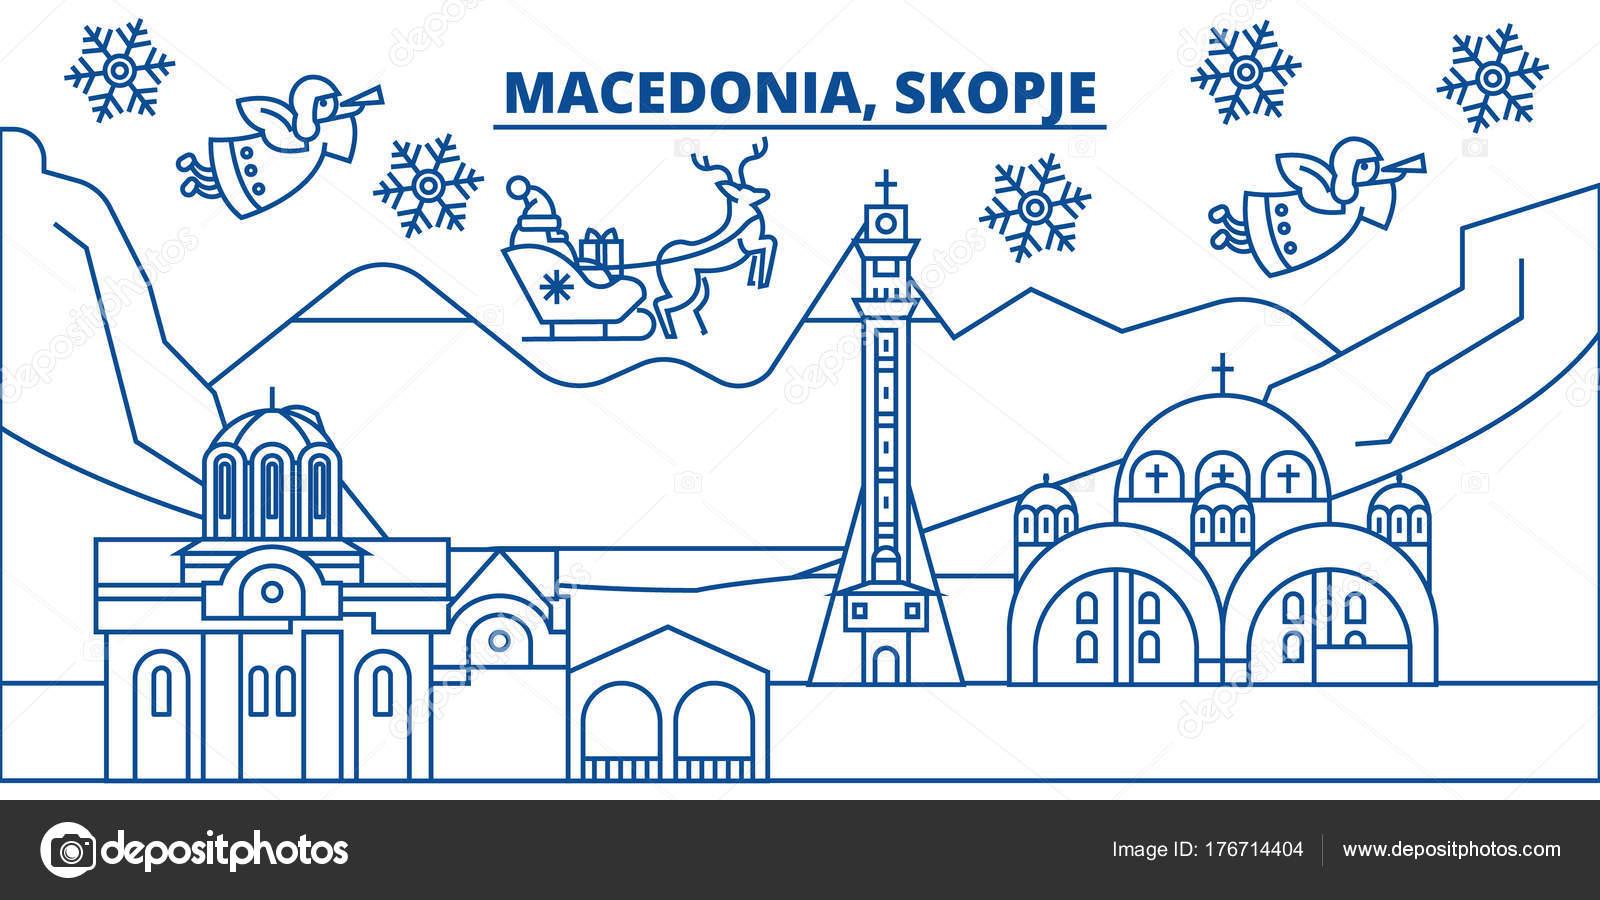 Frohe Weihnachten Mazedonisch.Mazedonien Skopje Winter Skyline Der Stadt Frohe Weihnachten